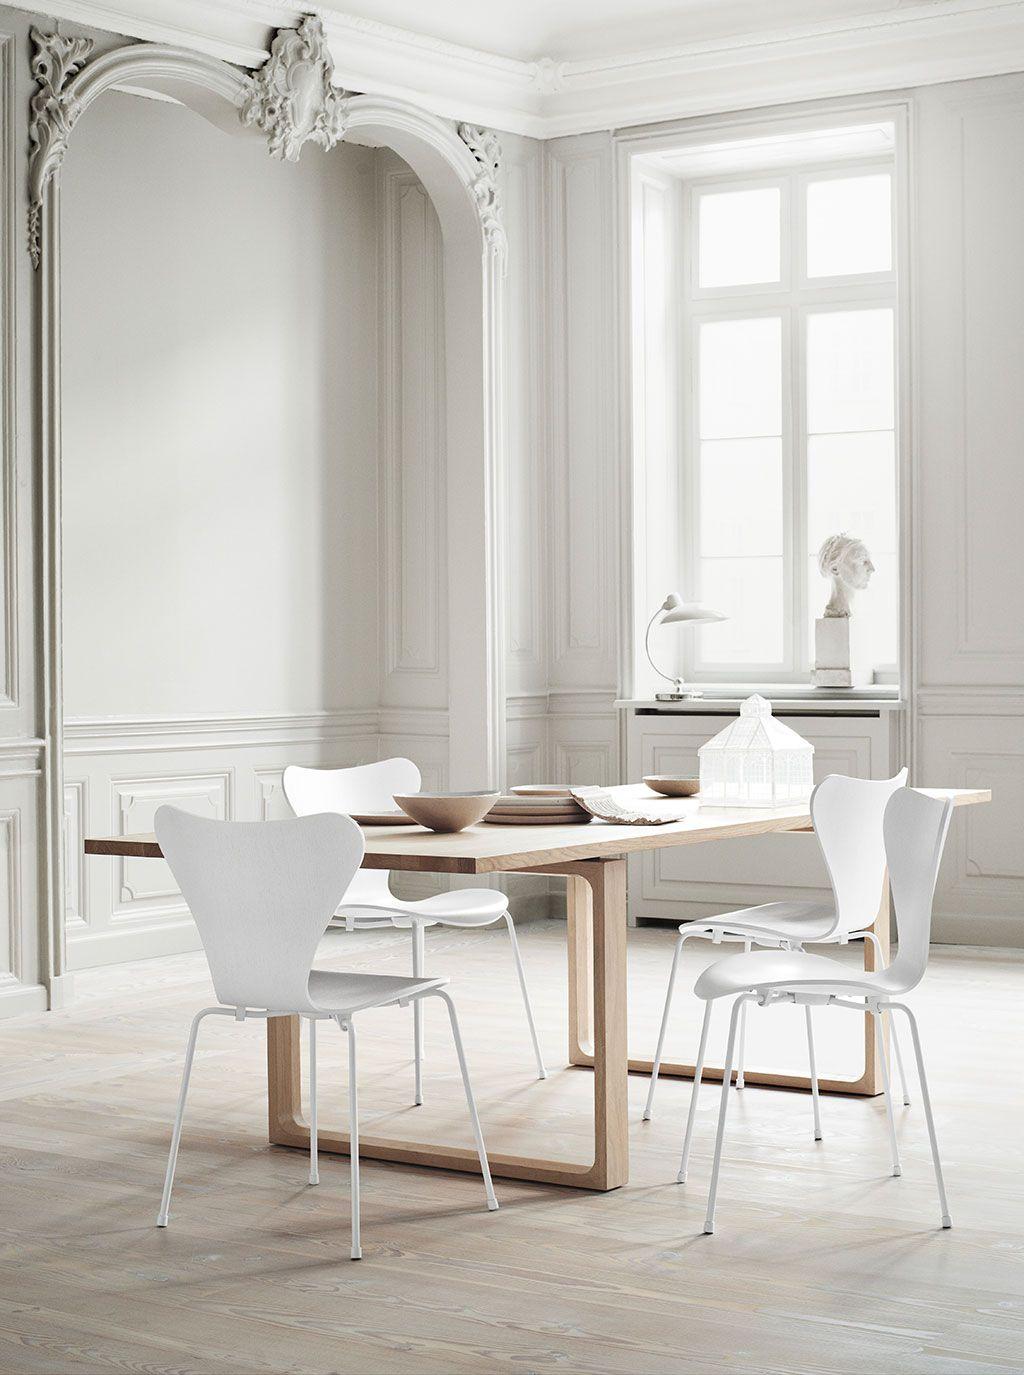 Klassisch Modern Wohnen designer arne jacobsens siebener stuhl auch bekannt als modell 3107